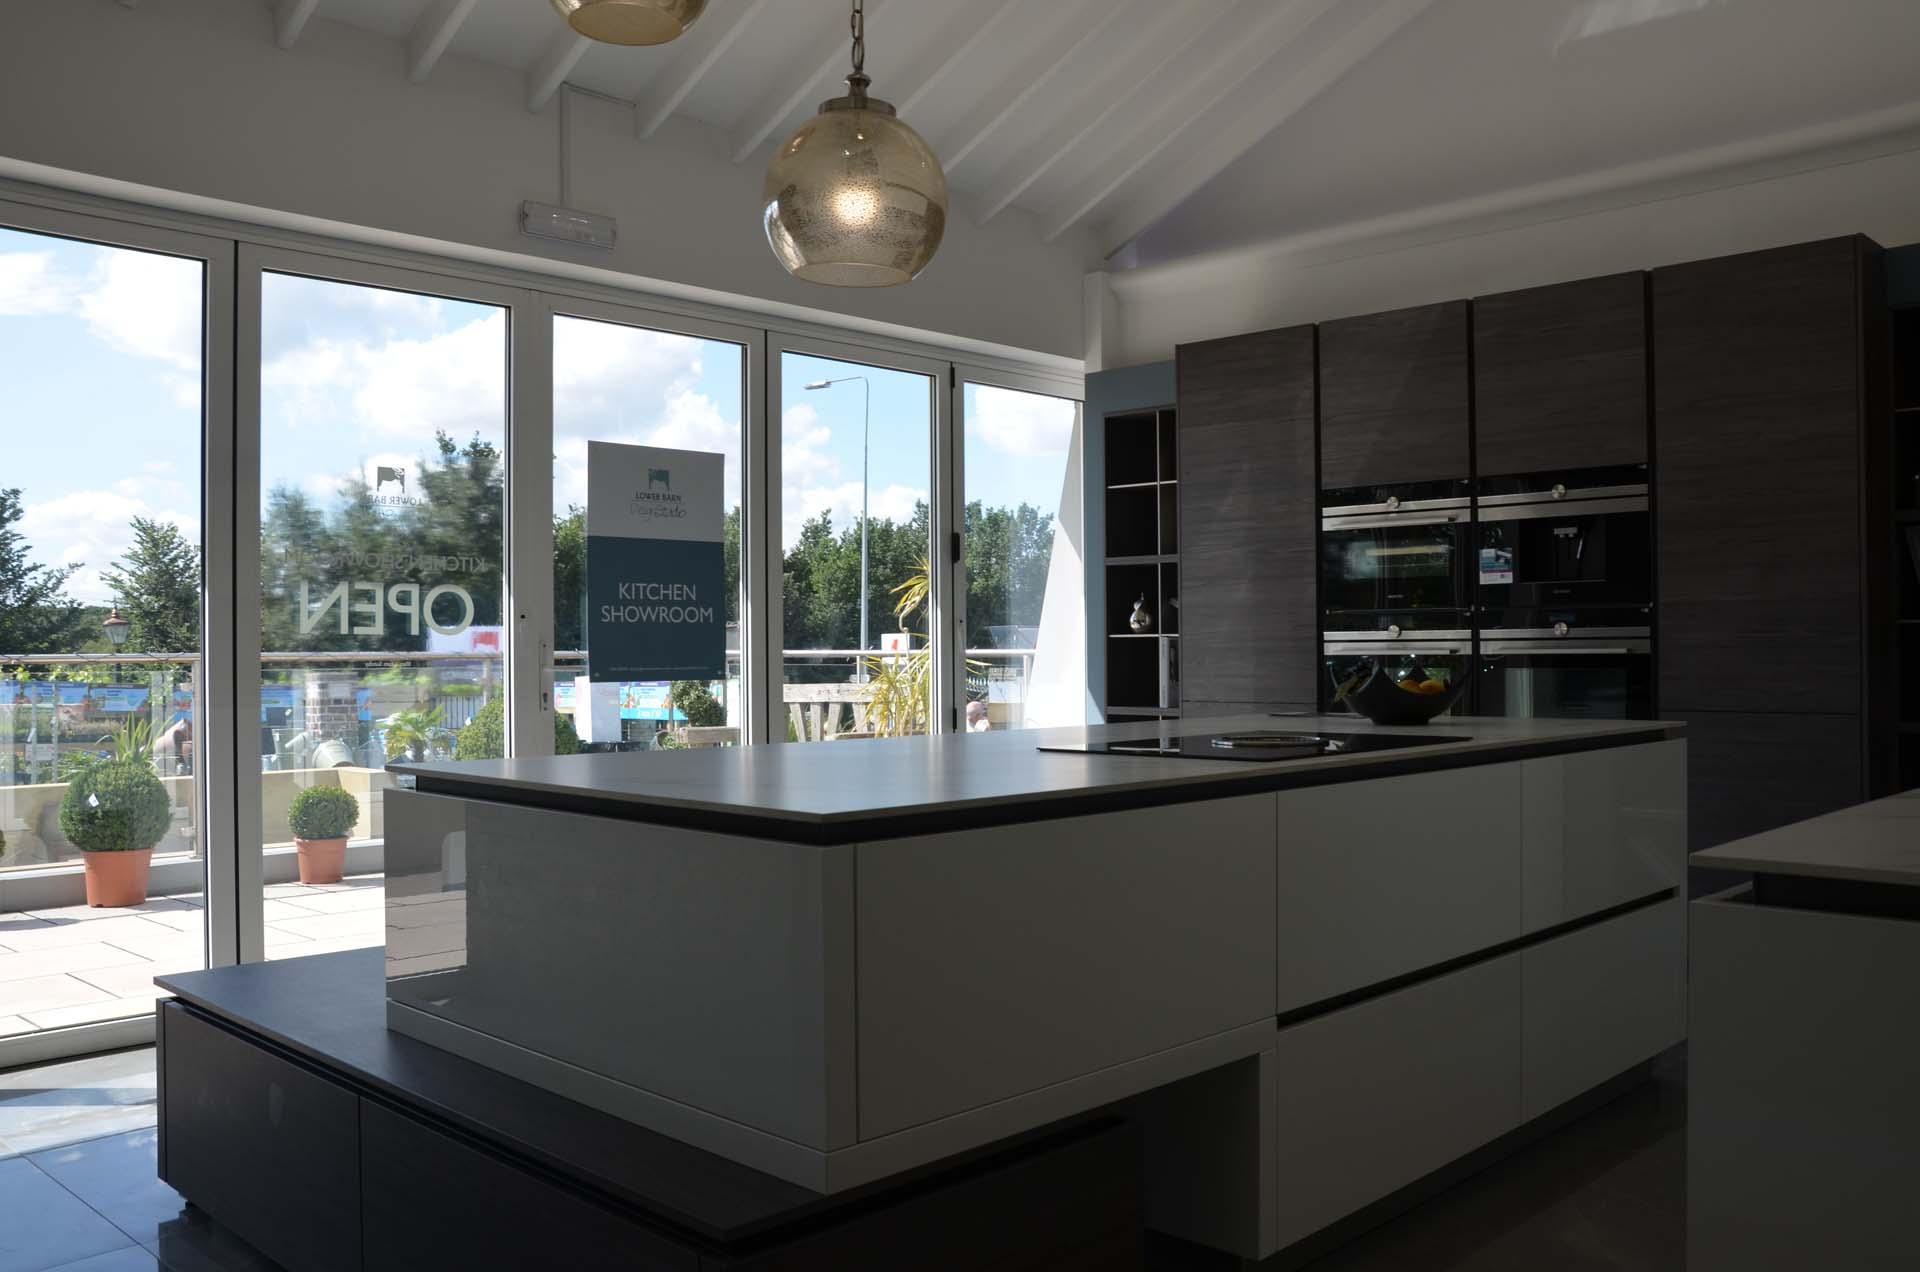 lbf-essex-kitchen-showroom-1-5.jpg